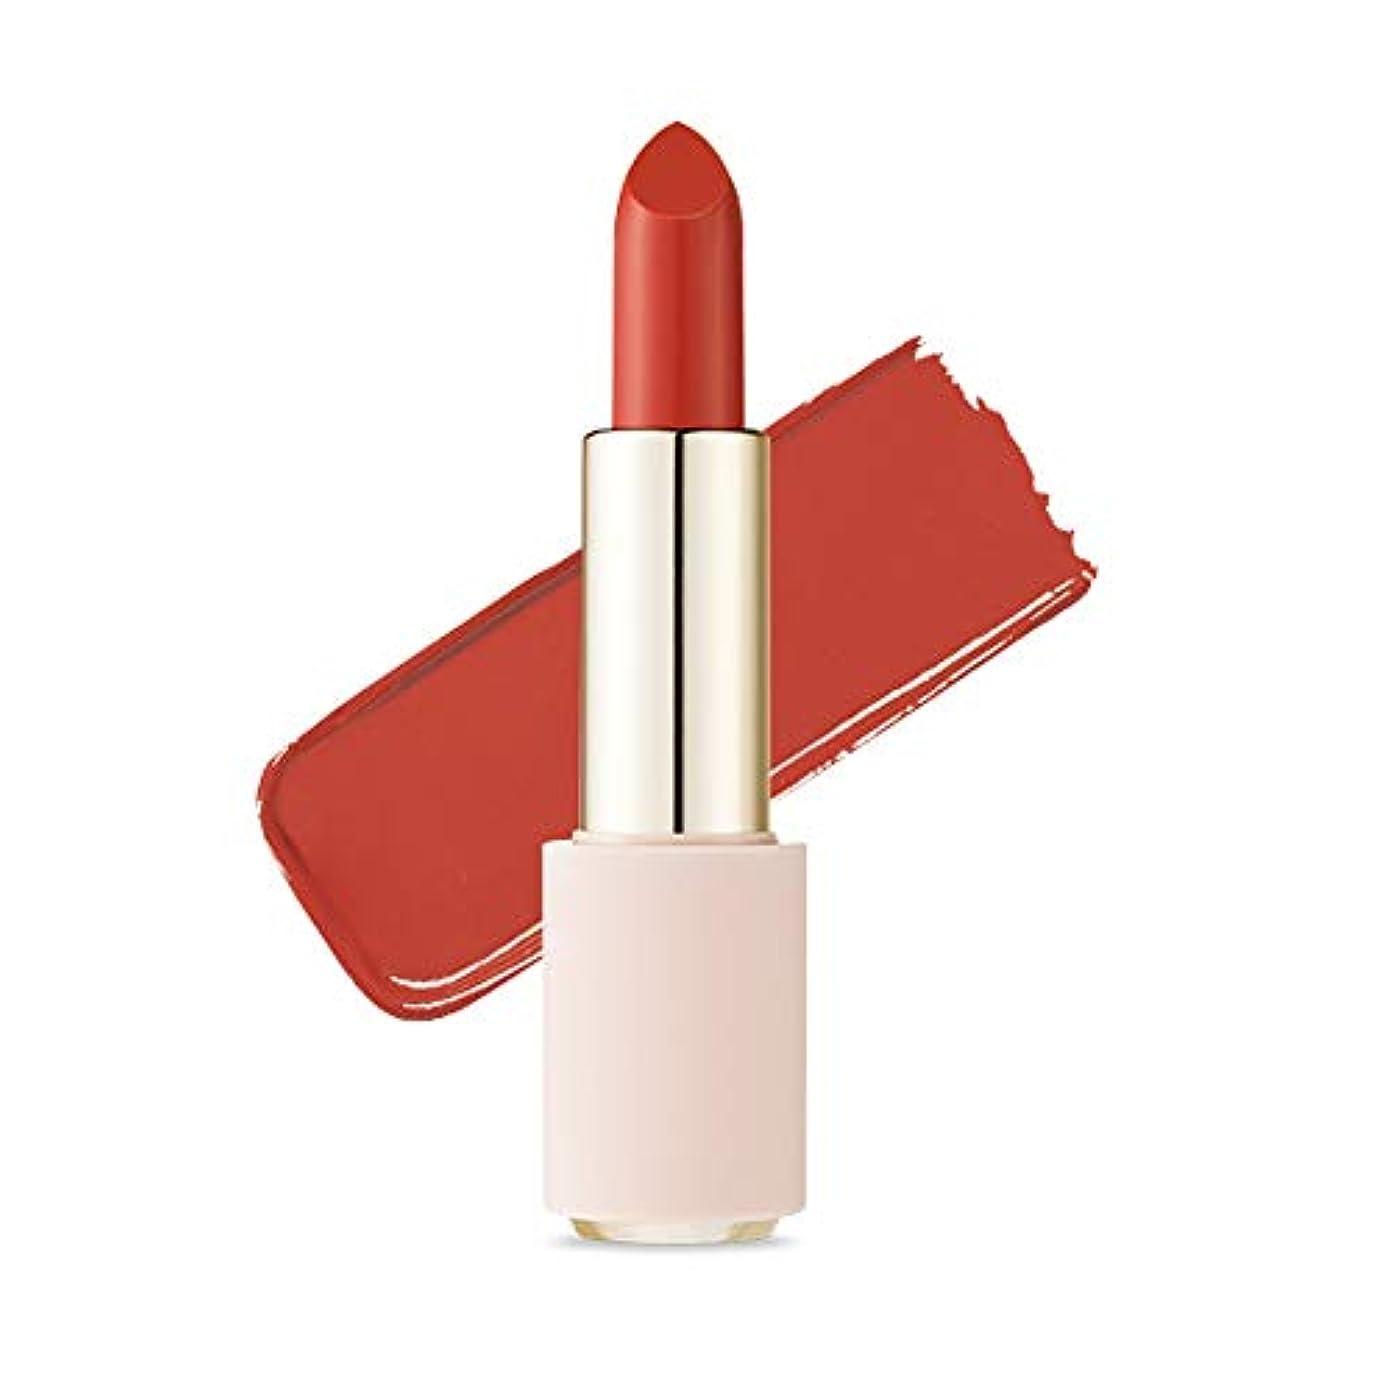 固有の実現可能可能性Etude House Better Lips Talk エチュードハウス ベター リップス - トーク (# BR401 Wishy Washy Red) [並行輸入品]